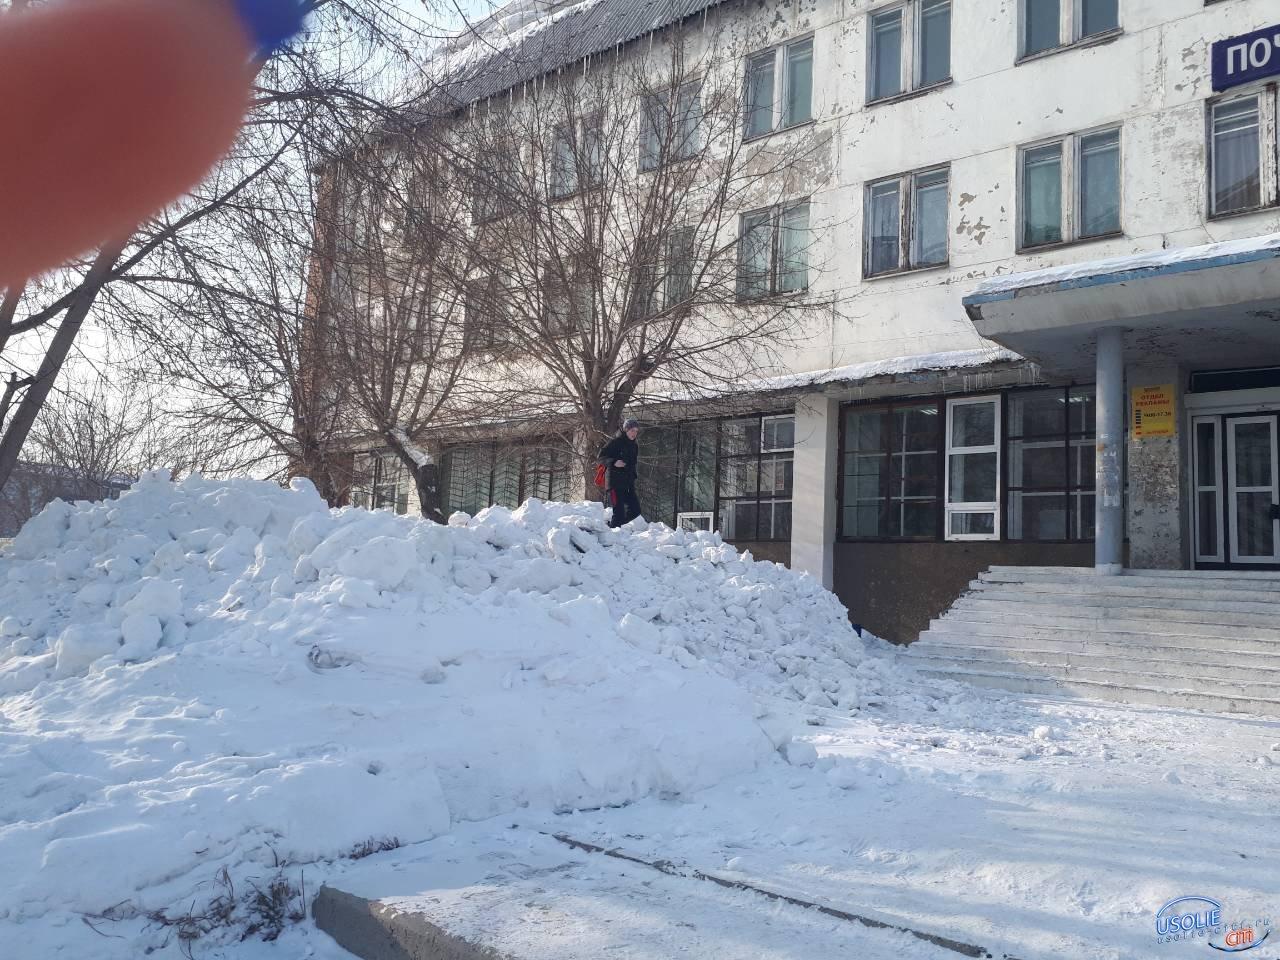 Сугробы-баррикады в Усолье повсюду